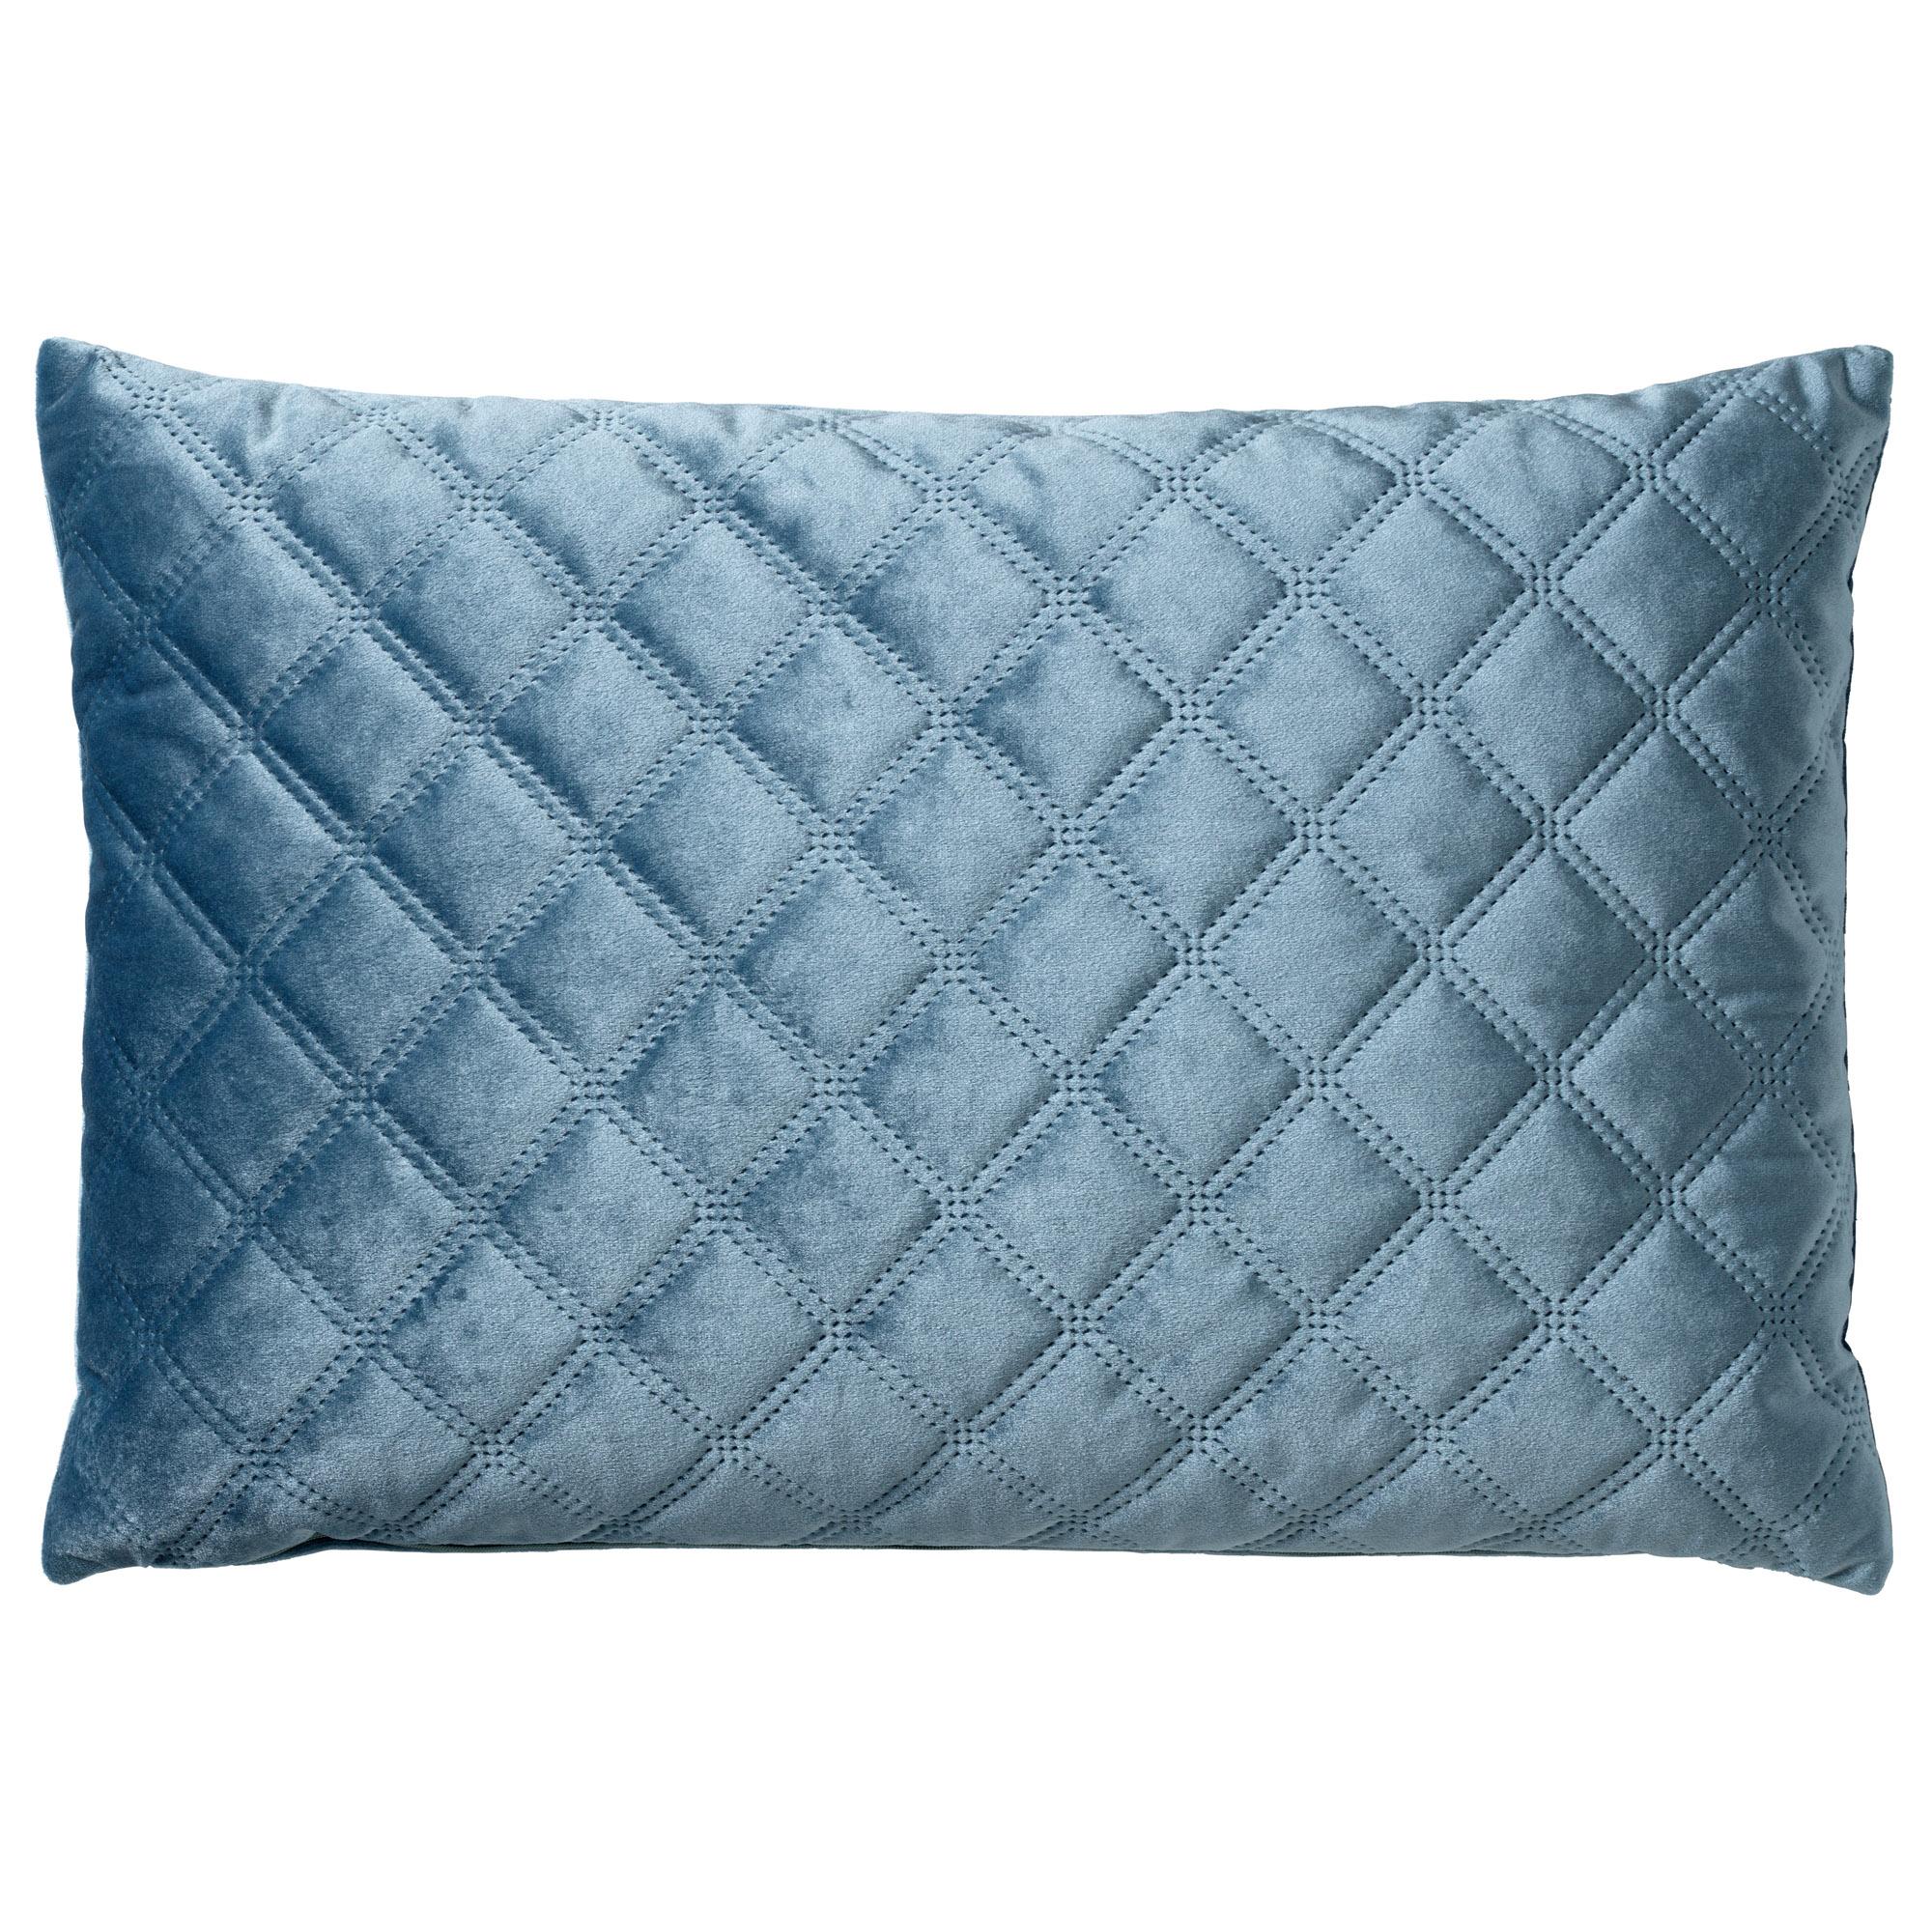 NIELS - Sierkussen velvet Provincial Blue 40x60 cm